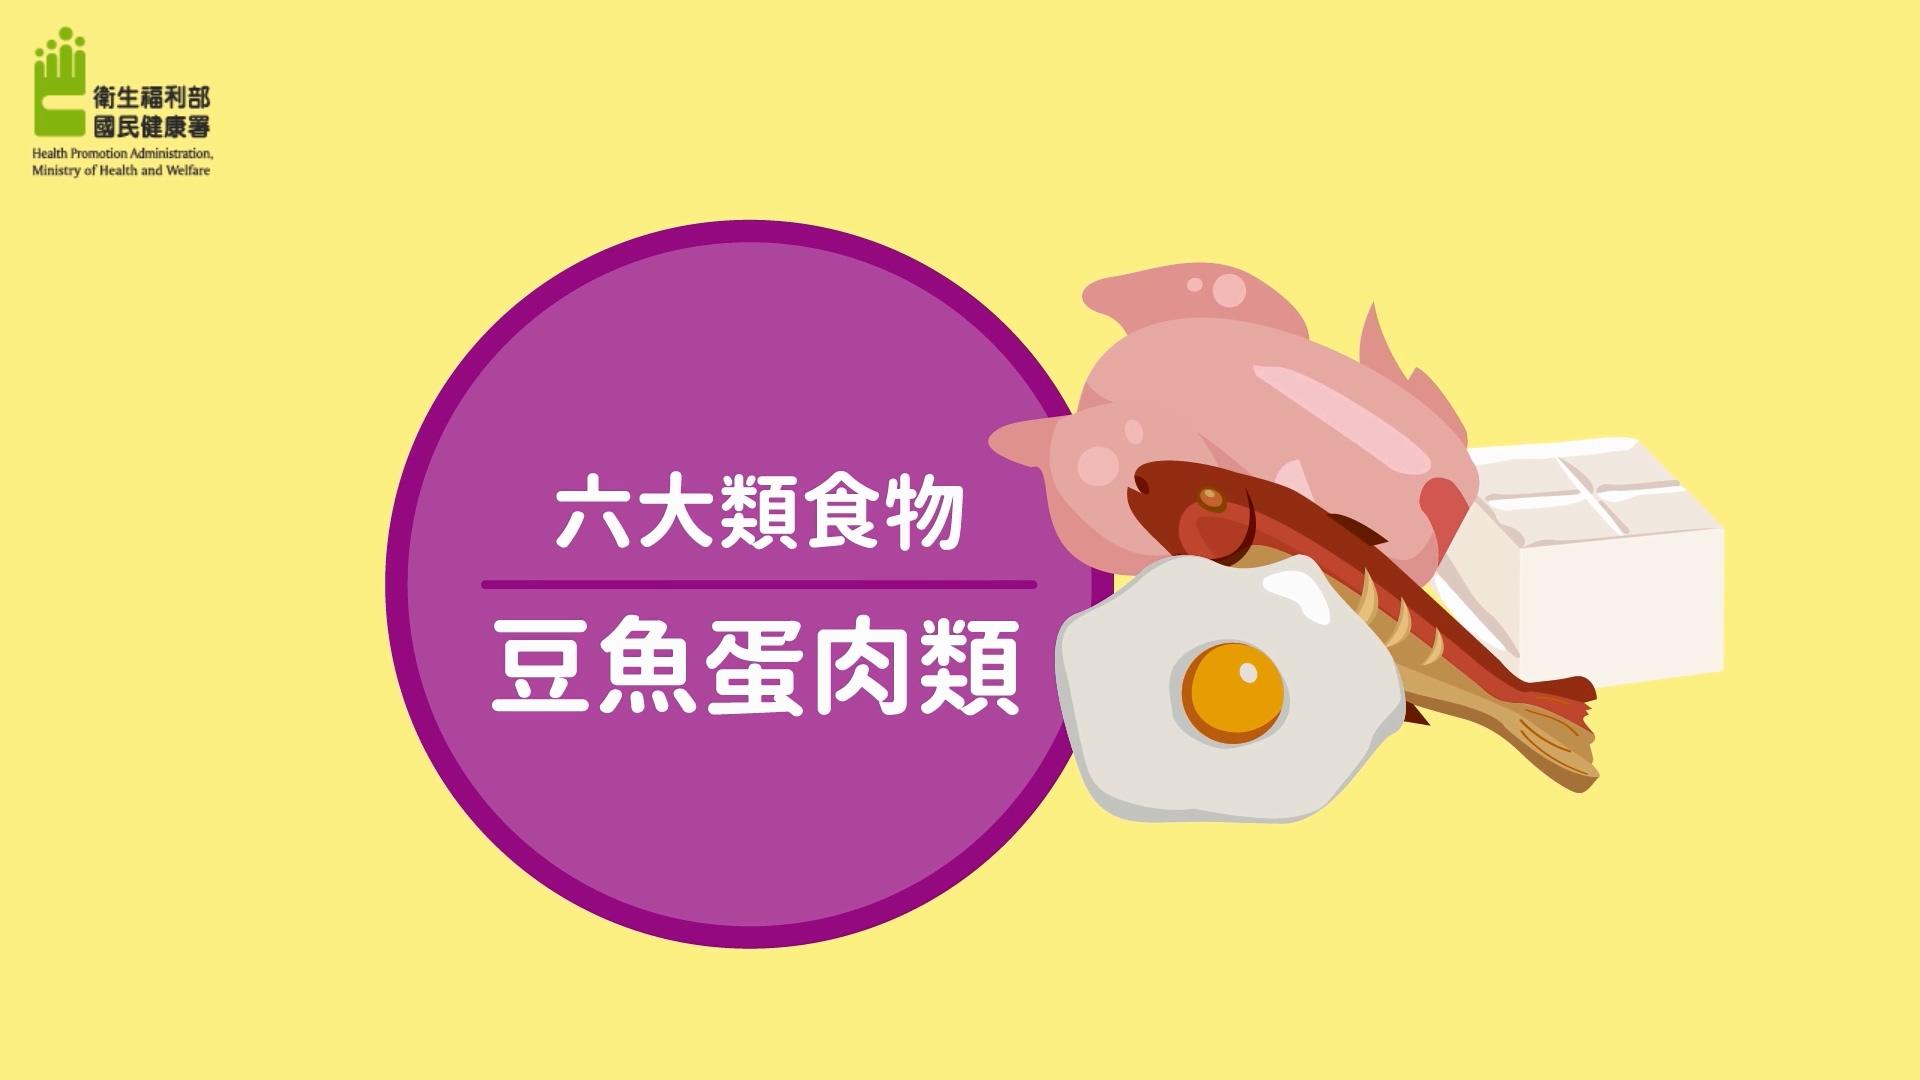 六大類食物03豆魚蛋肉類